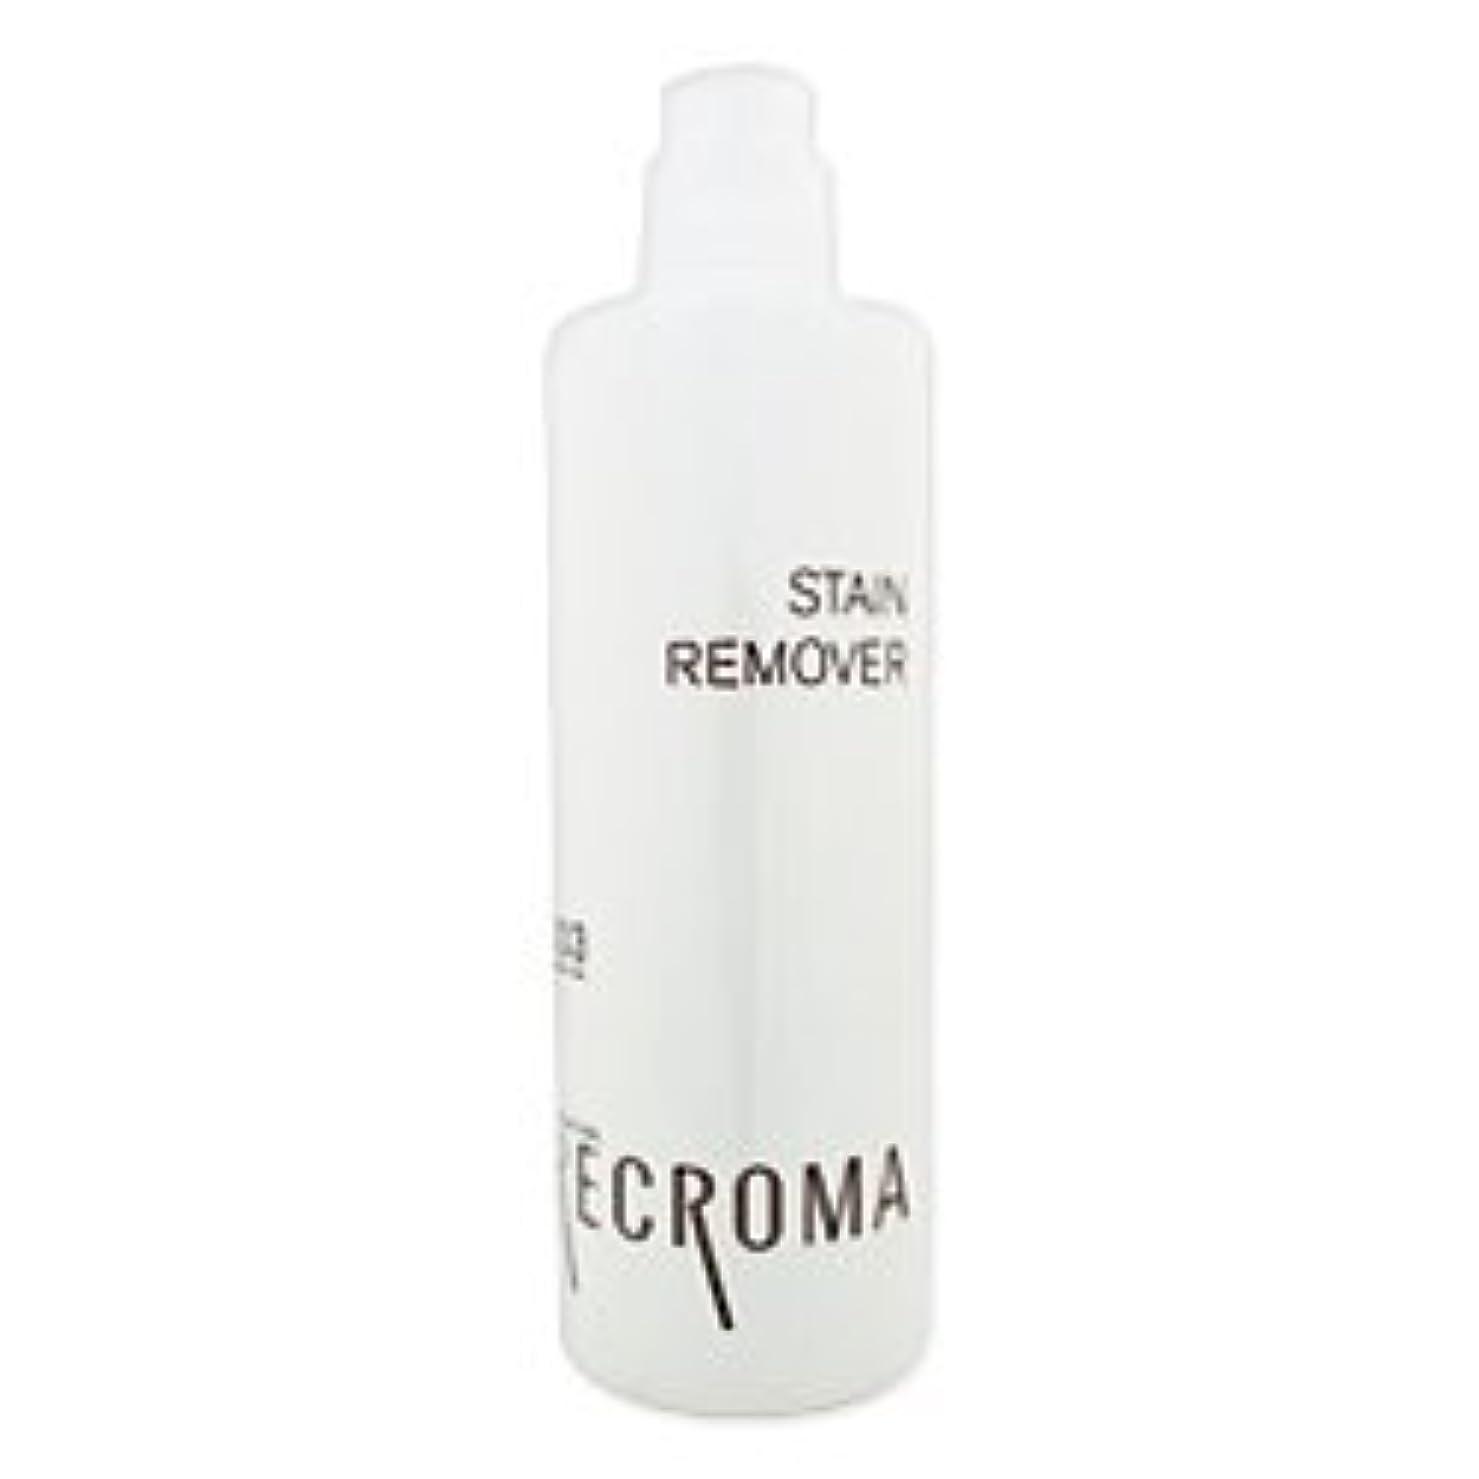 亡命番目間違いナンバースリー リクロマ ステインリムーバー 拭き取り化粧水 300ml 【業務用】